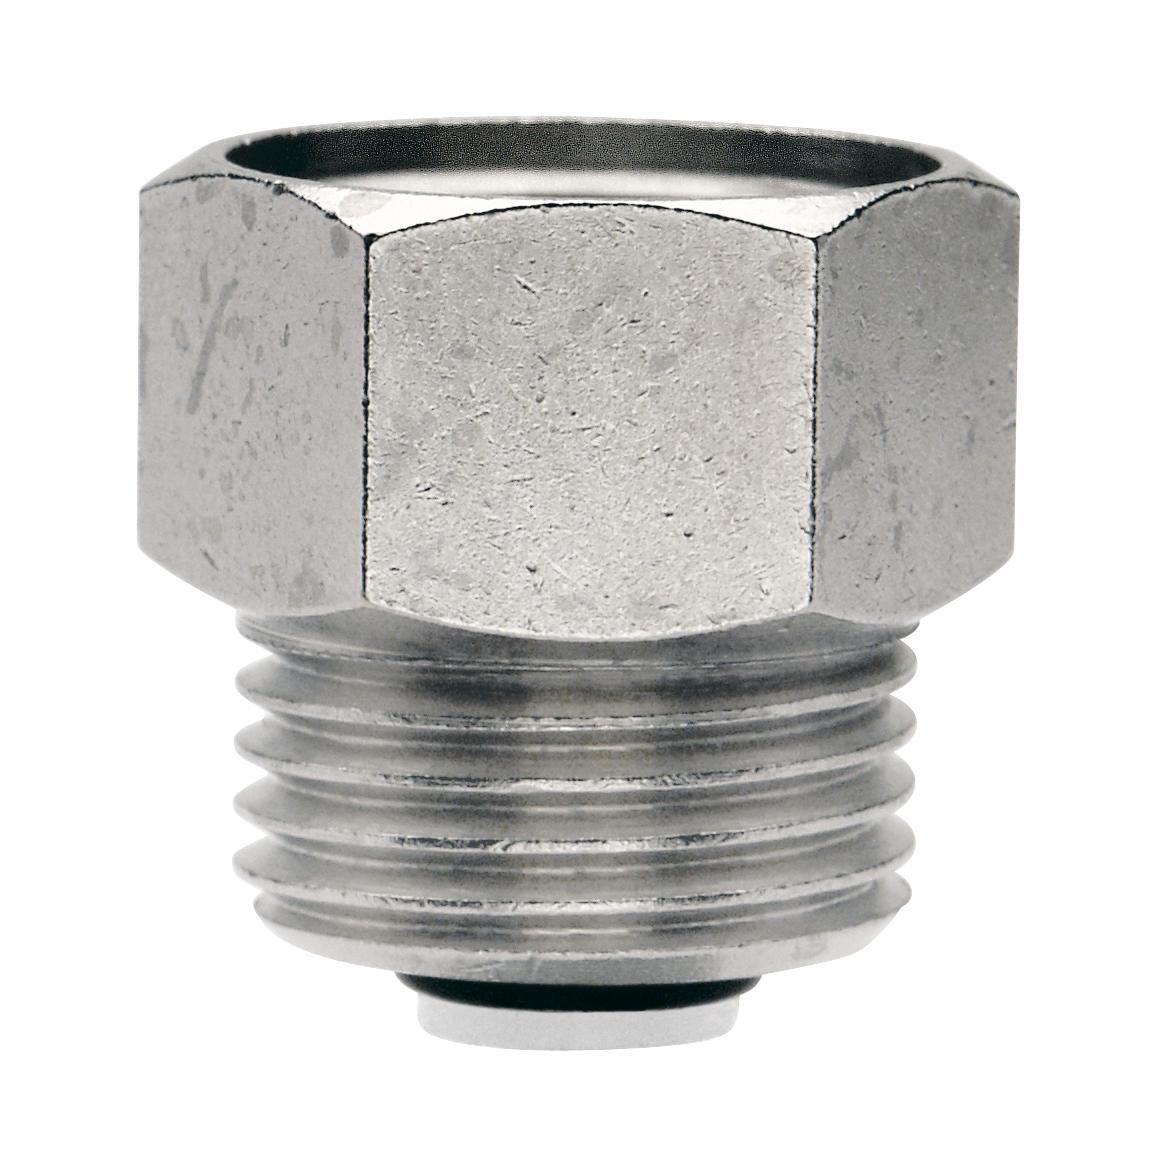 Клапан отсекающий Itap 1/2 в/н для монтажа / демонтажа воздухоотводчика редуктор давления itap 1 2 в в с отверстием под манометр